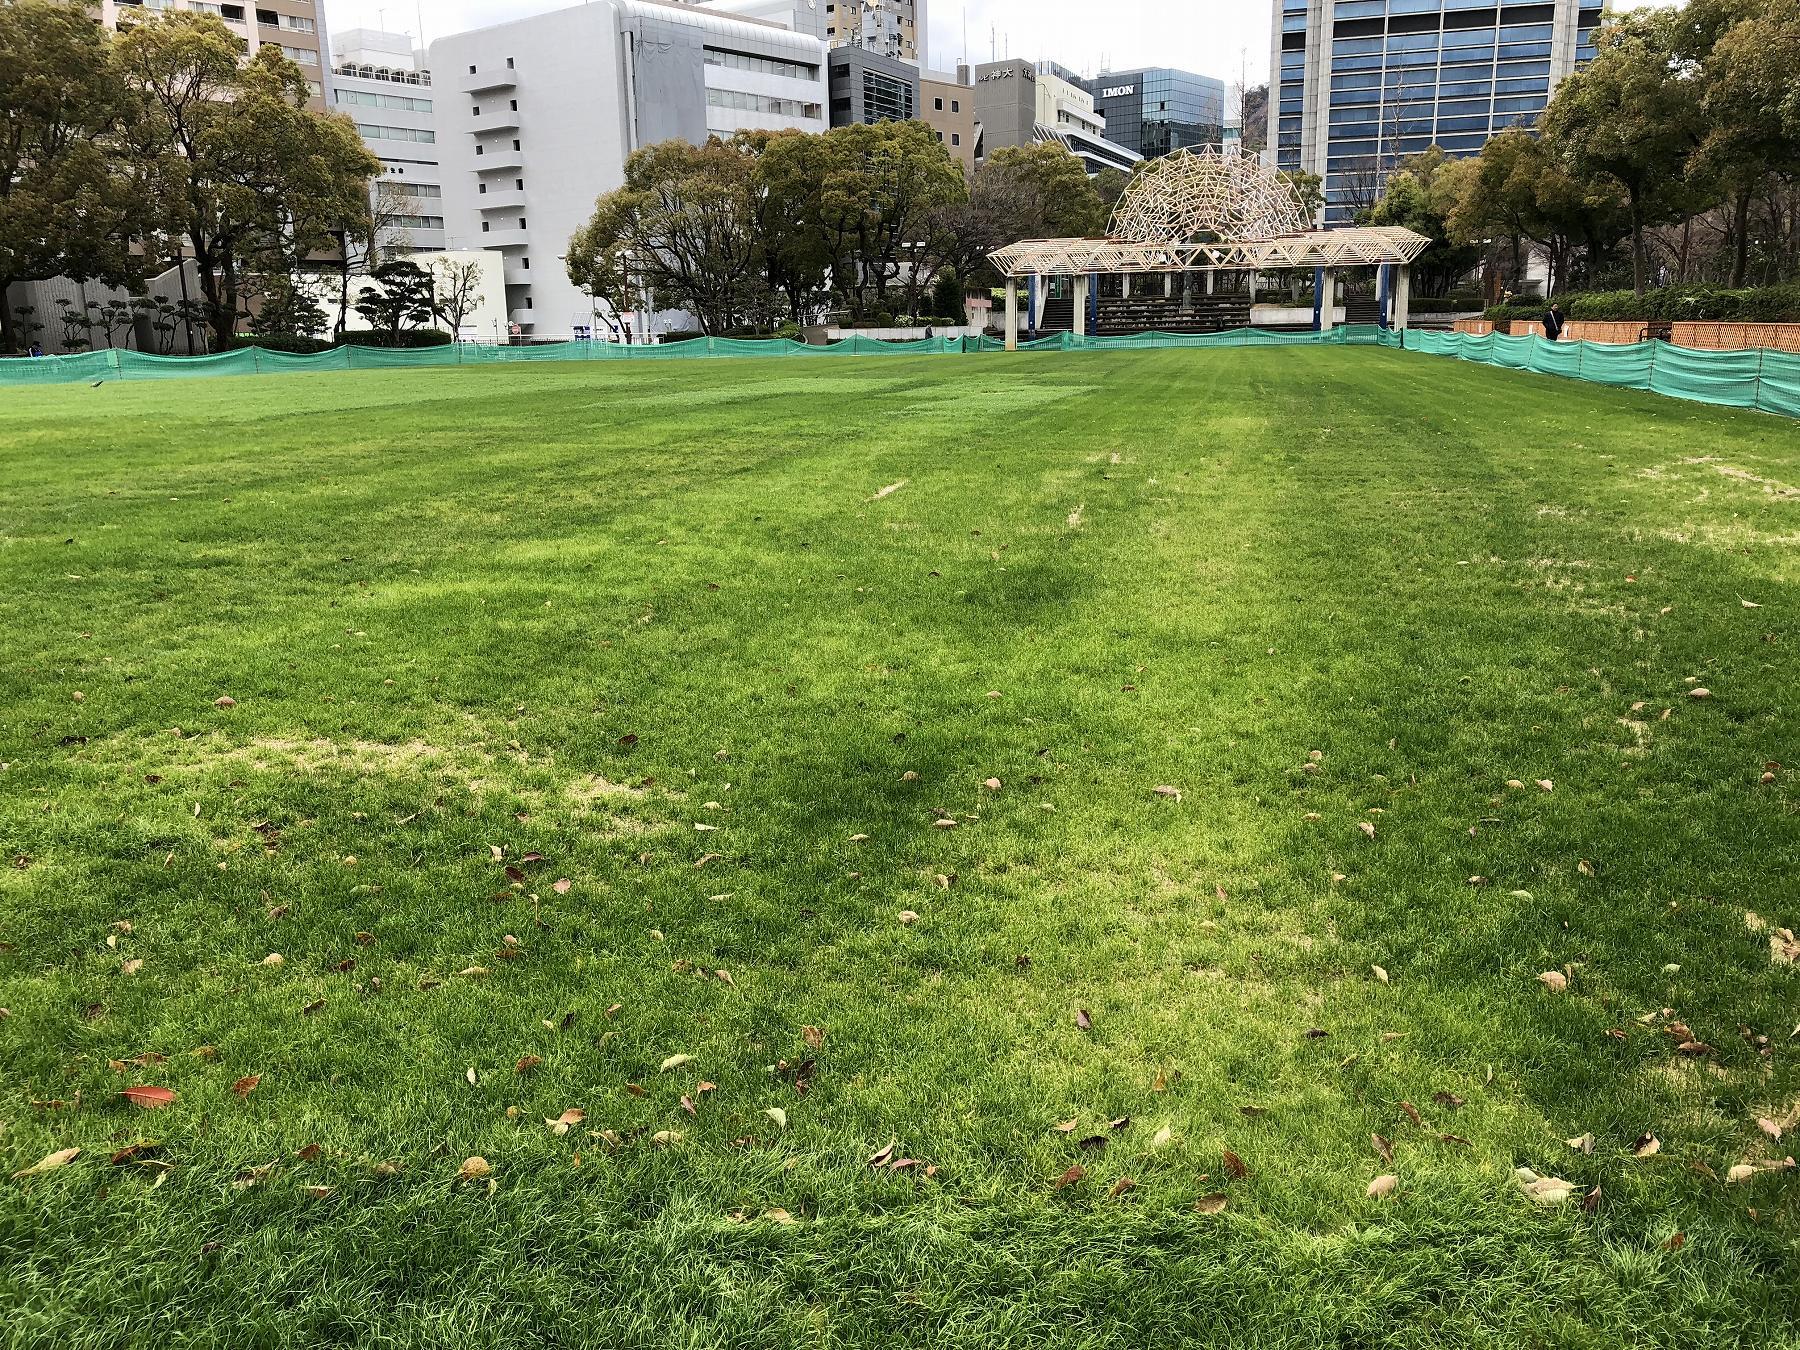 神戸・東遊園地の芝生スペース近くに、カフェなどの新たな拠点施設が誕生か!? #東遊園地 #神戸市